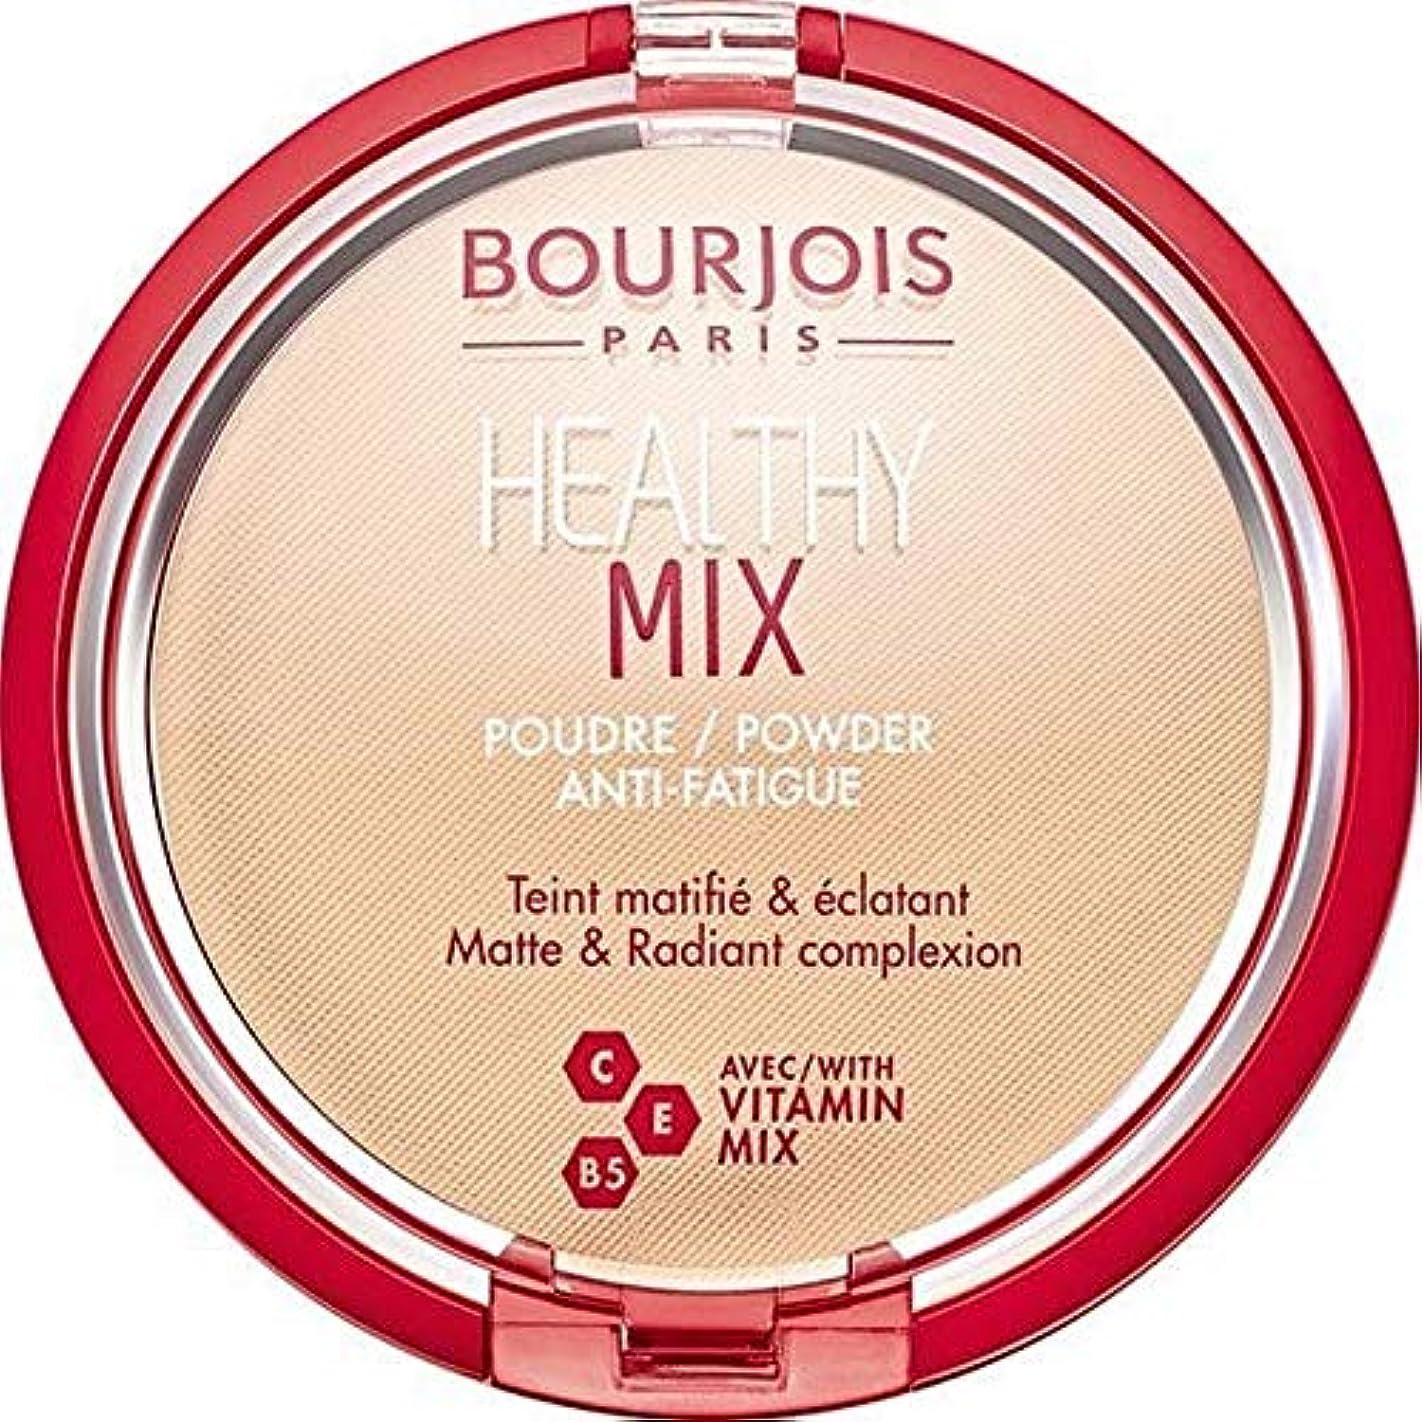 マオリ器用リクルート[Bourjois ] ブルジョワヘルシーミックス粉1を押します - Bourjois Healthy Mix Pressed Powder 1 [並行輸入品]